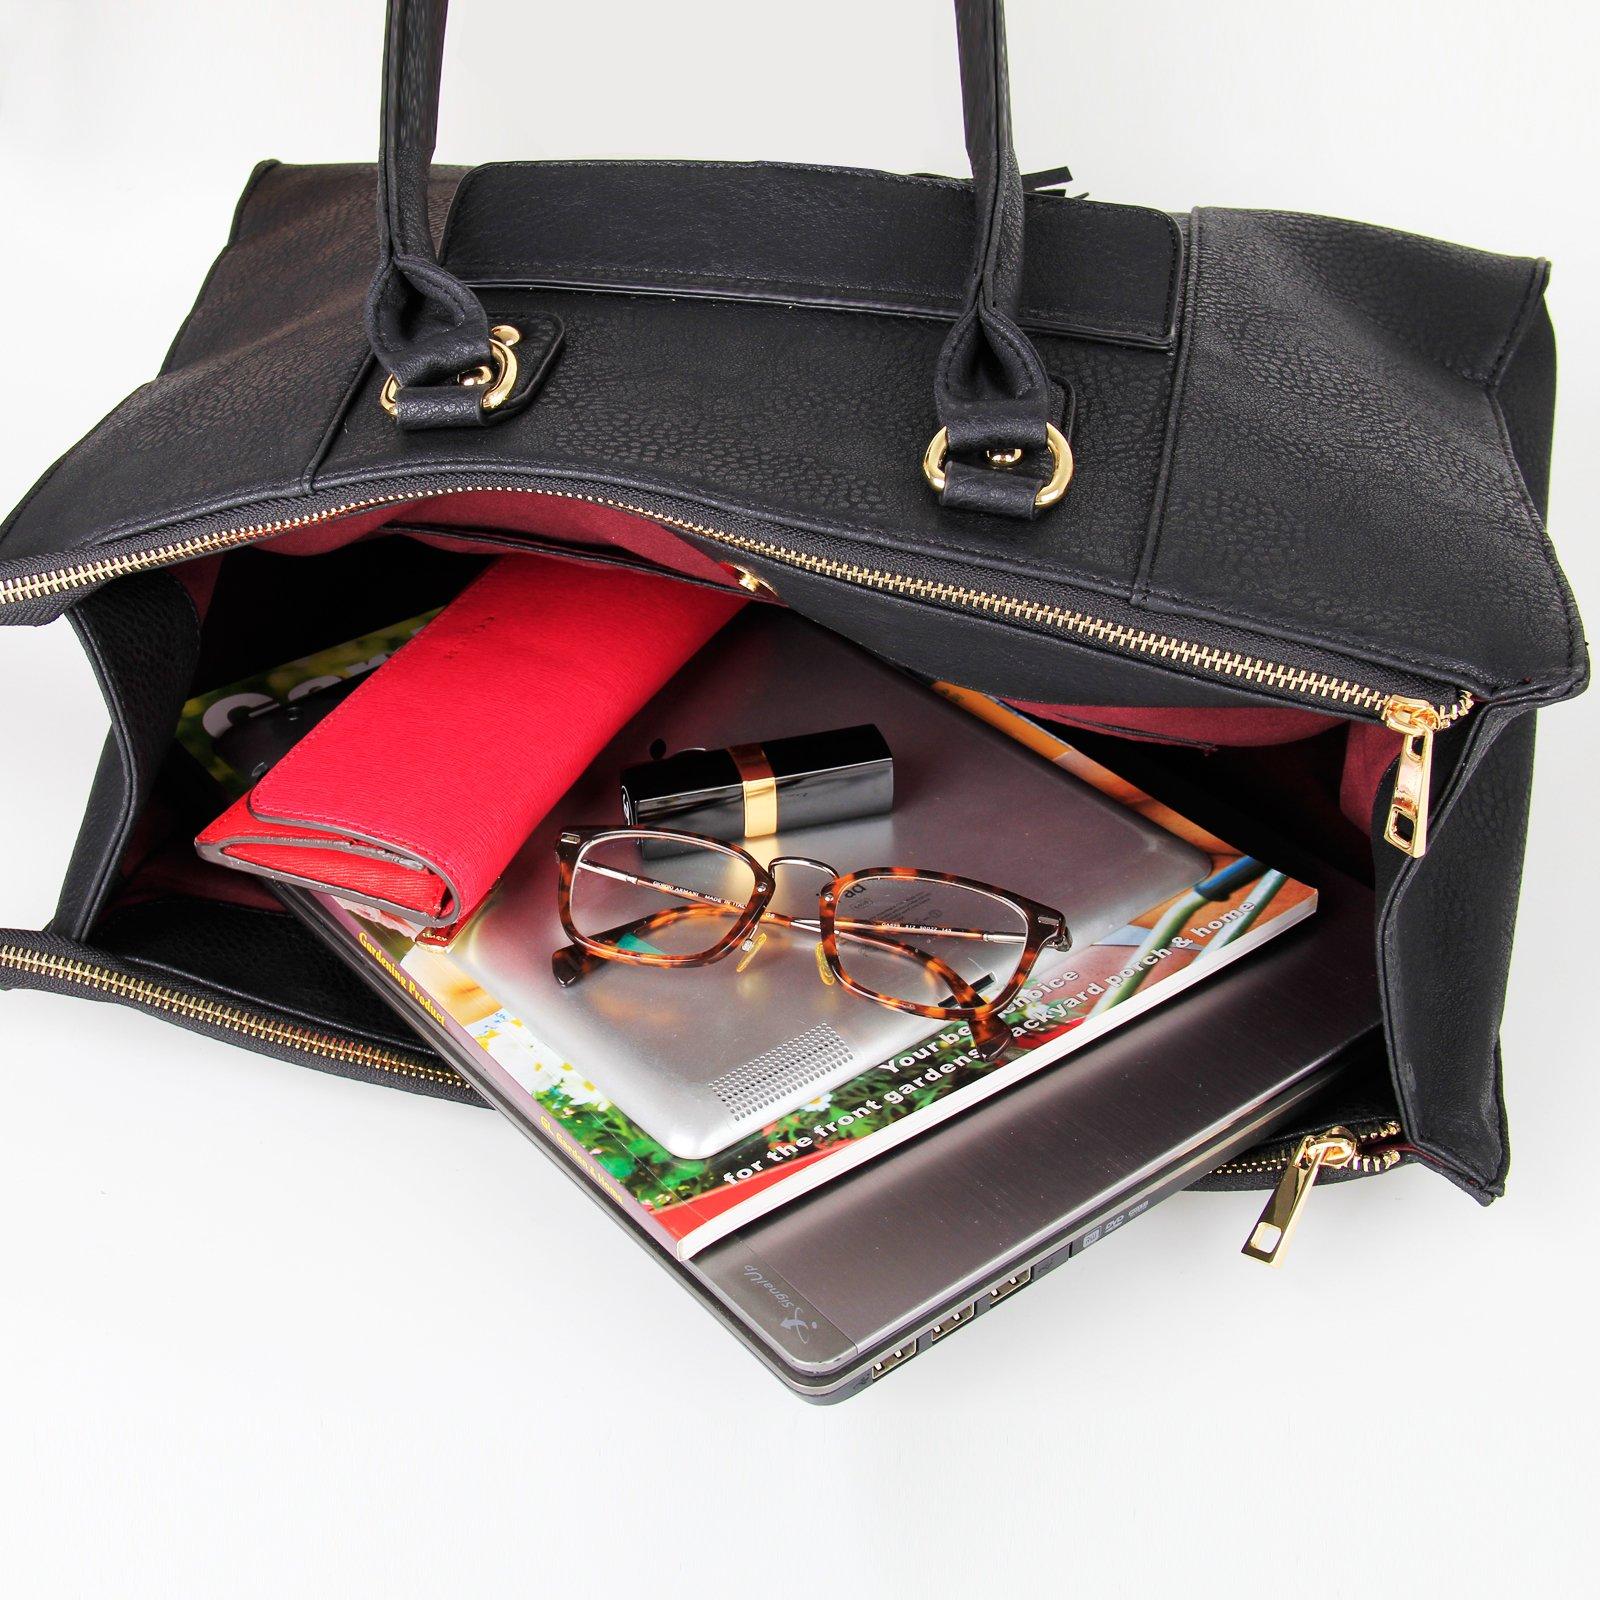 Eva & Evan 2018 New Women Satchel Handbags Shoulder Bag with Tassels Top Handle Large PU Leather Adjustable Strap Black by BAYTTER (Image #8)